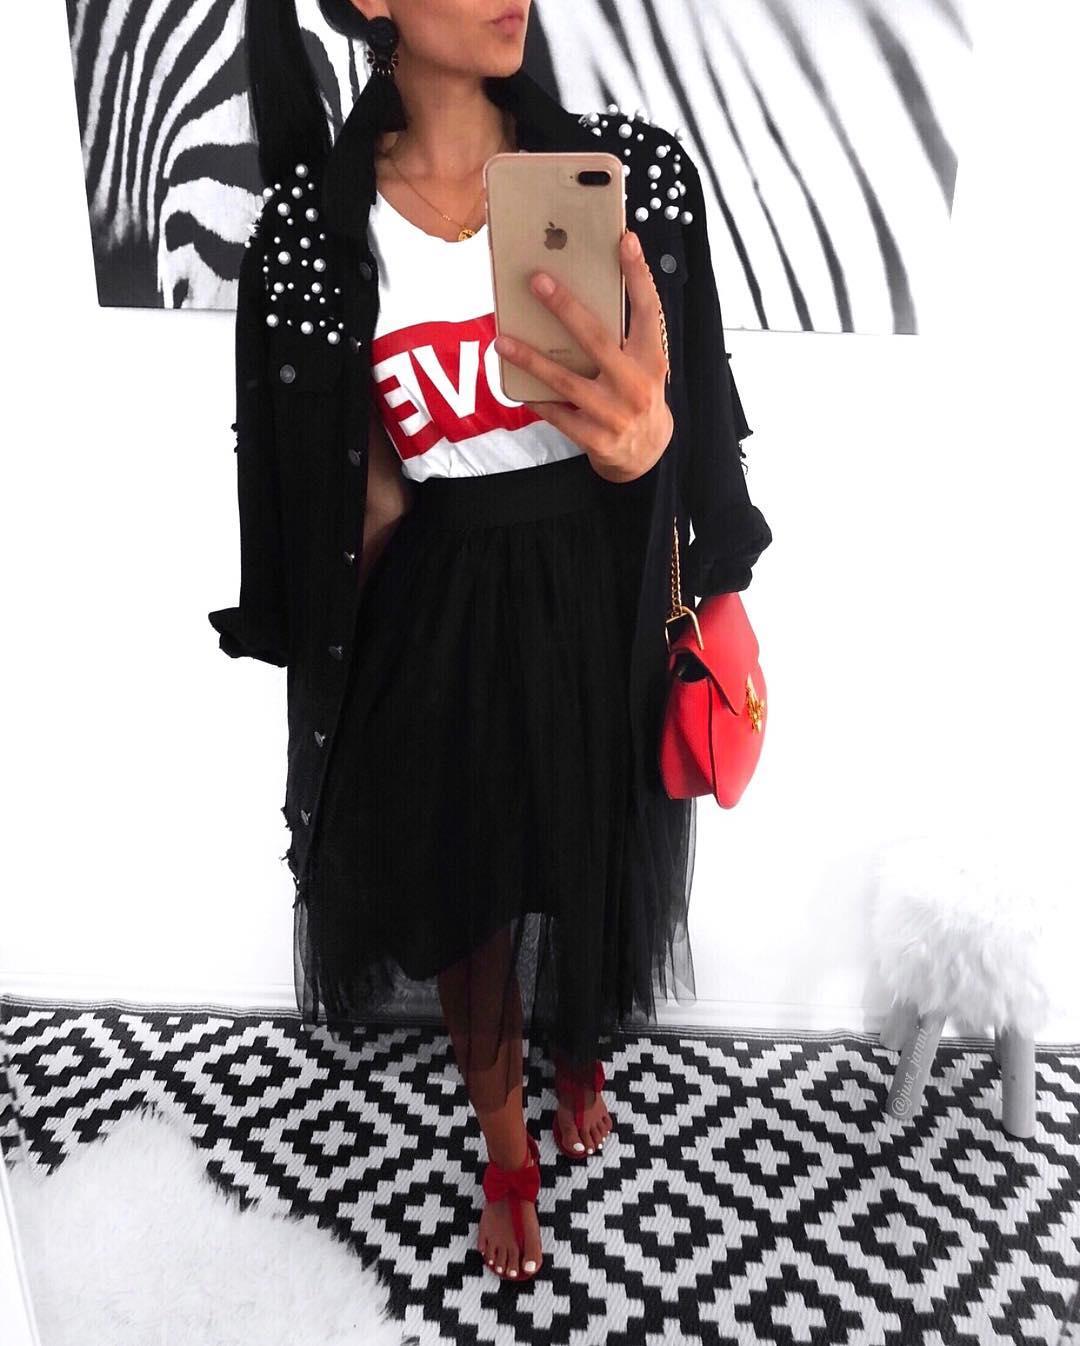 black tulle skirt de Les Bourgeoises sur just_janni_